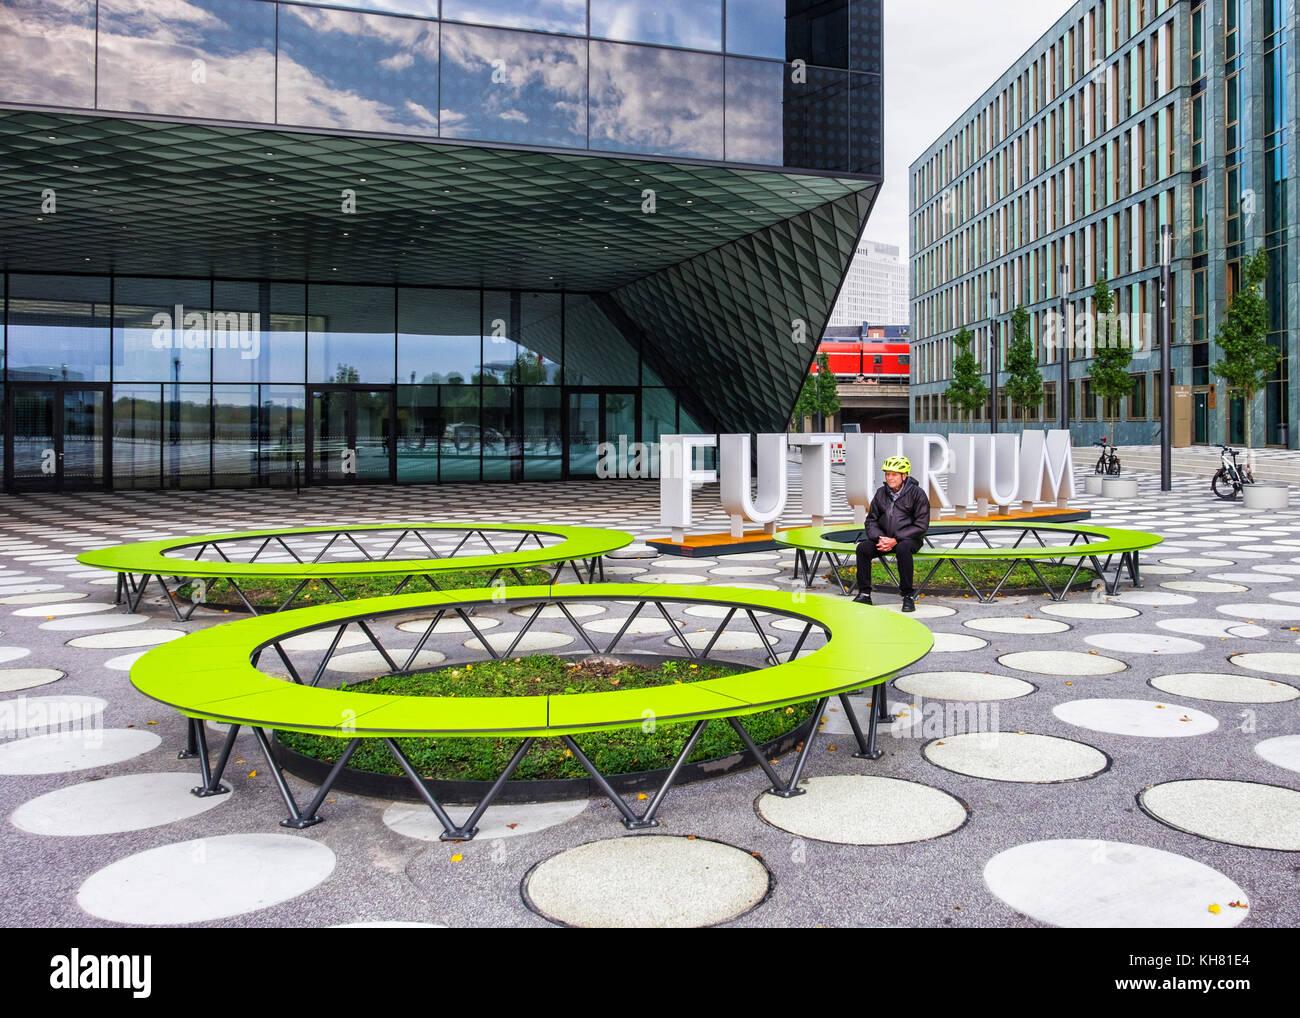 Berlin der futurium zentrum f r die zukunft moderne for Moderne architektur gebaude